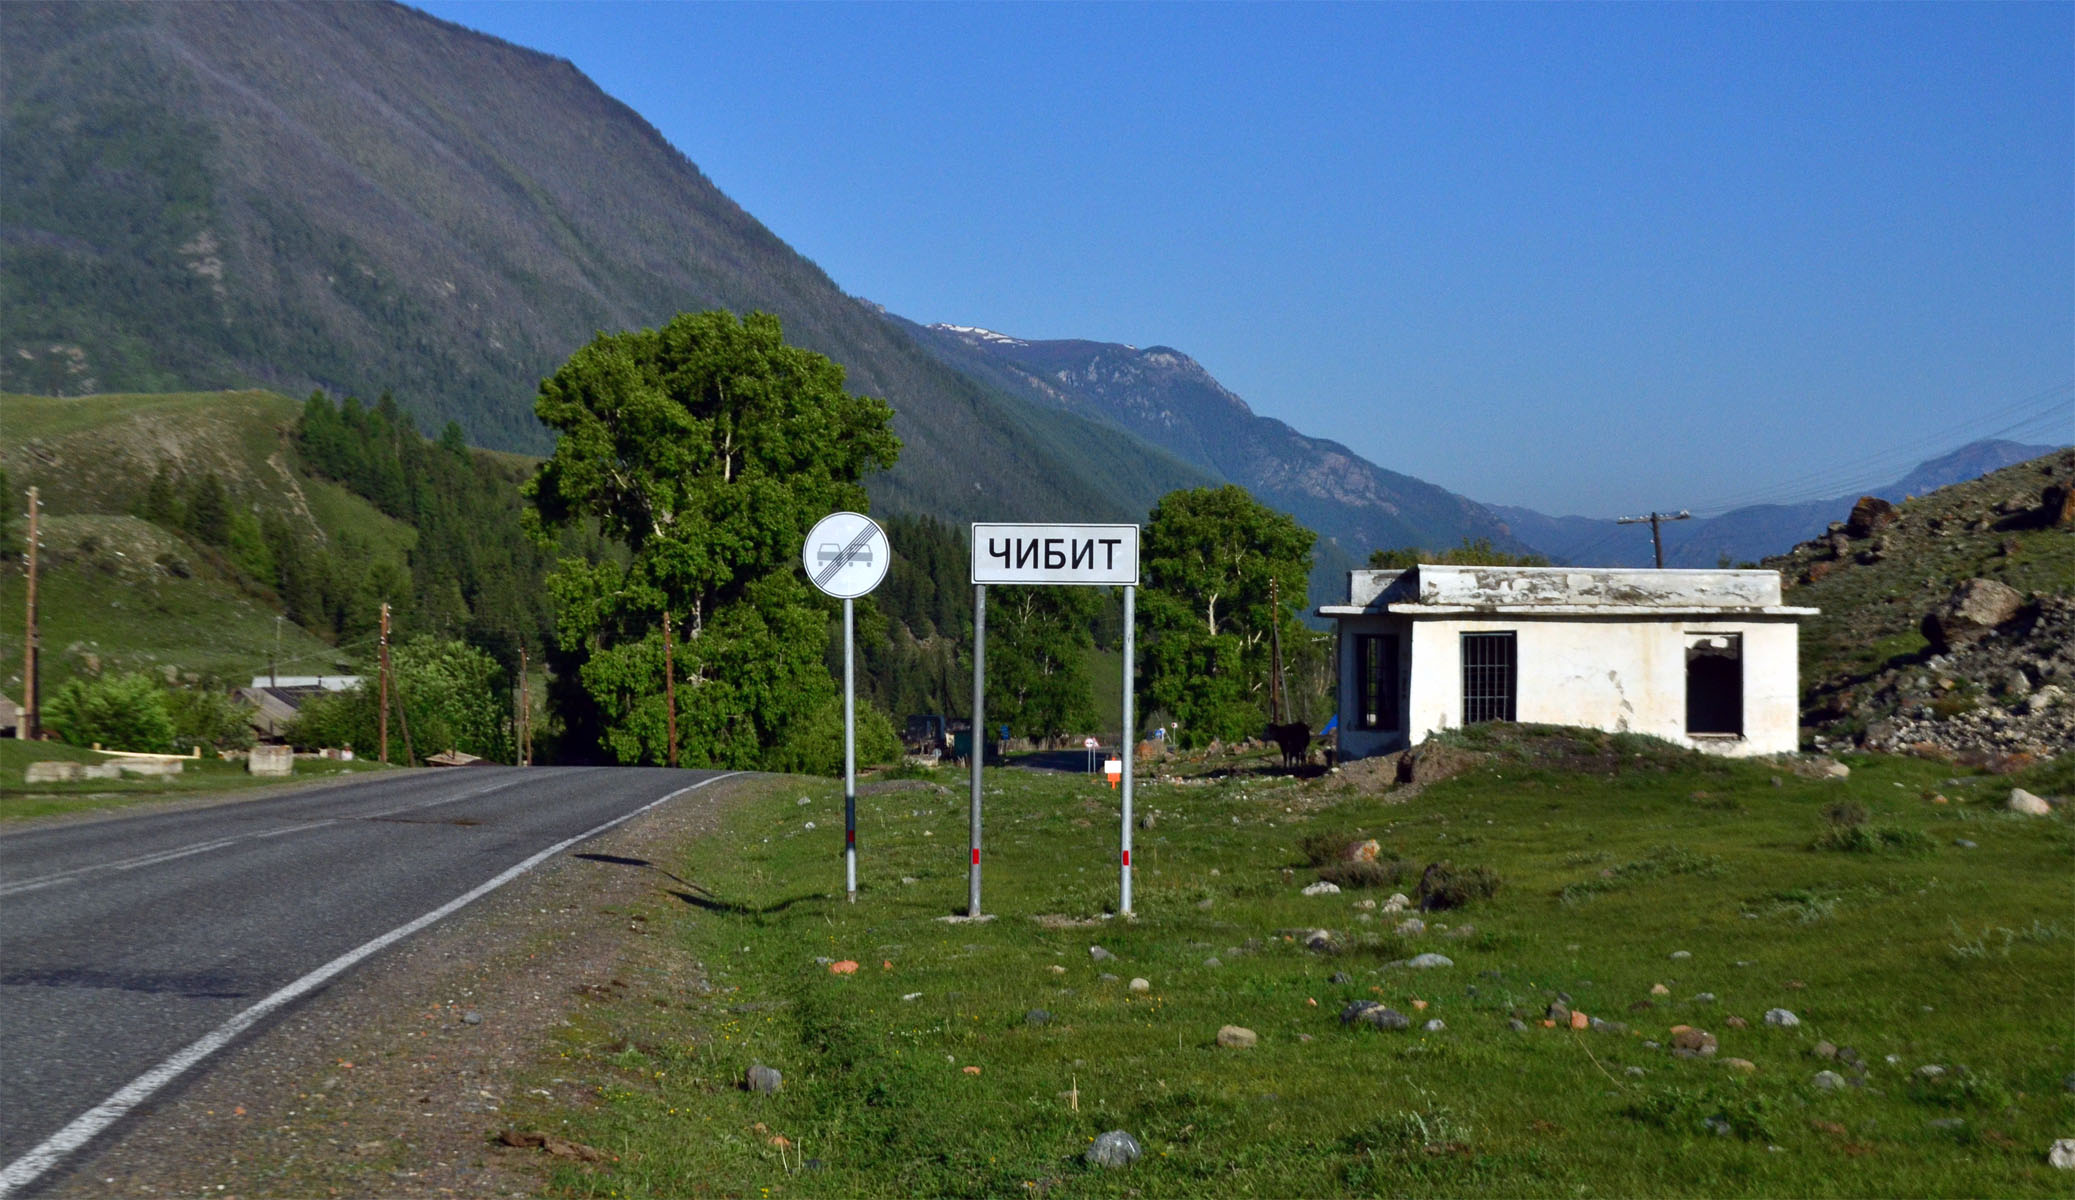 Въезд в село Чибит